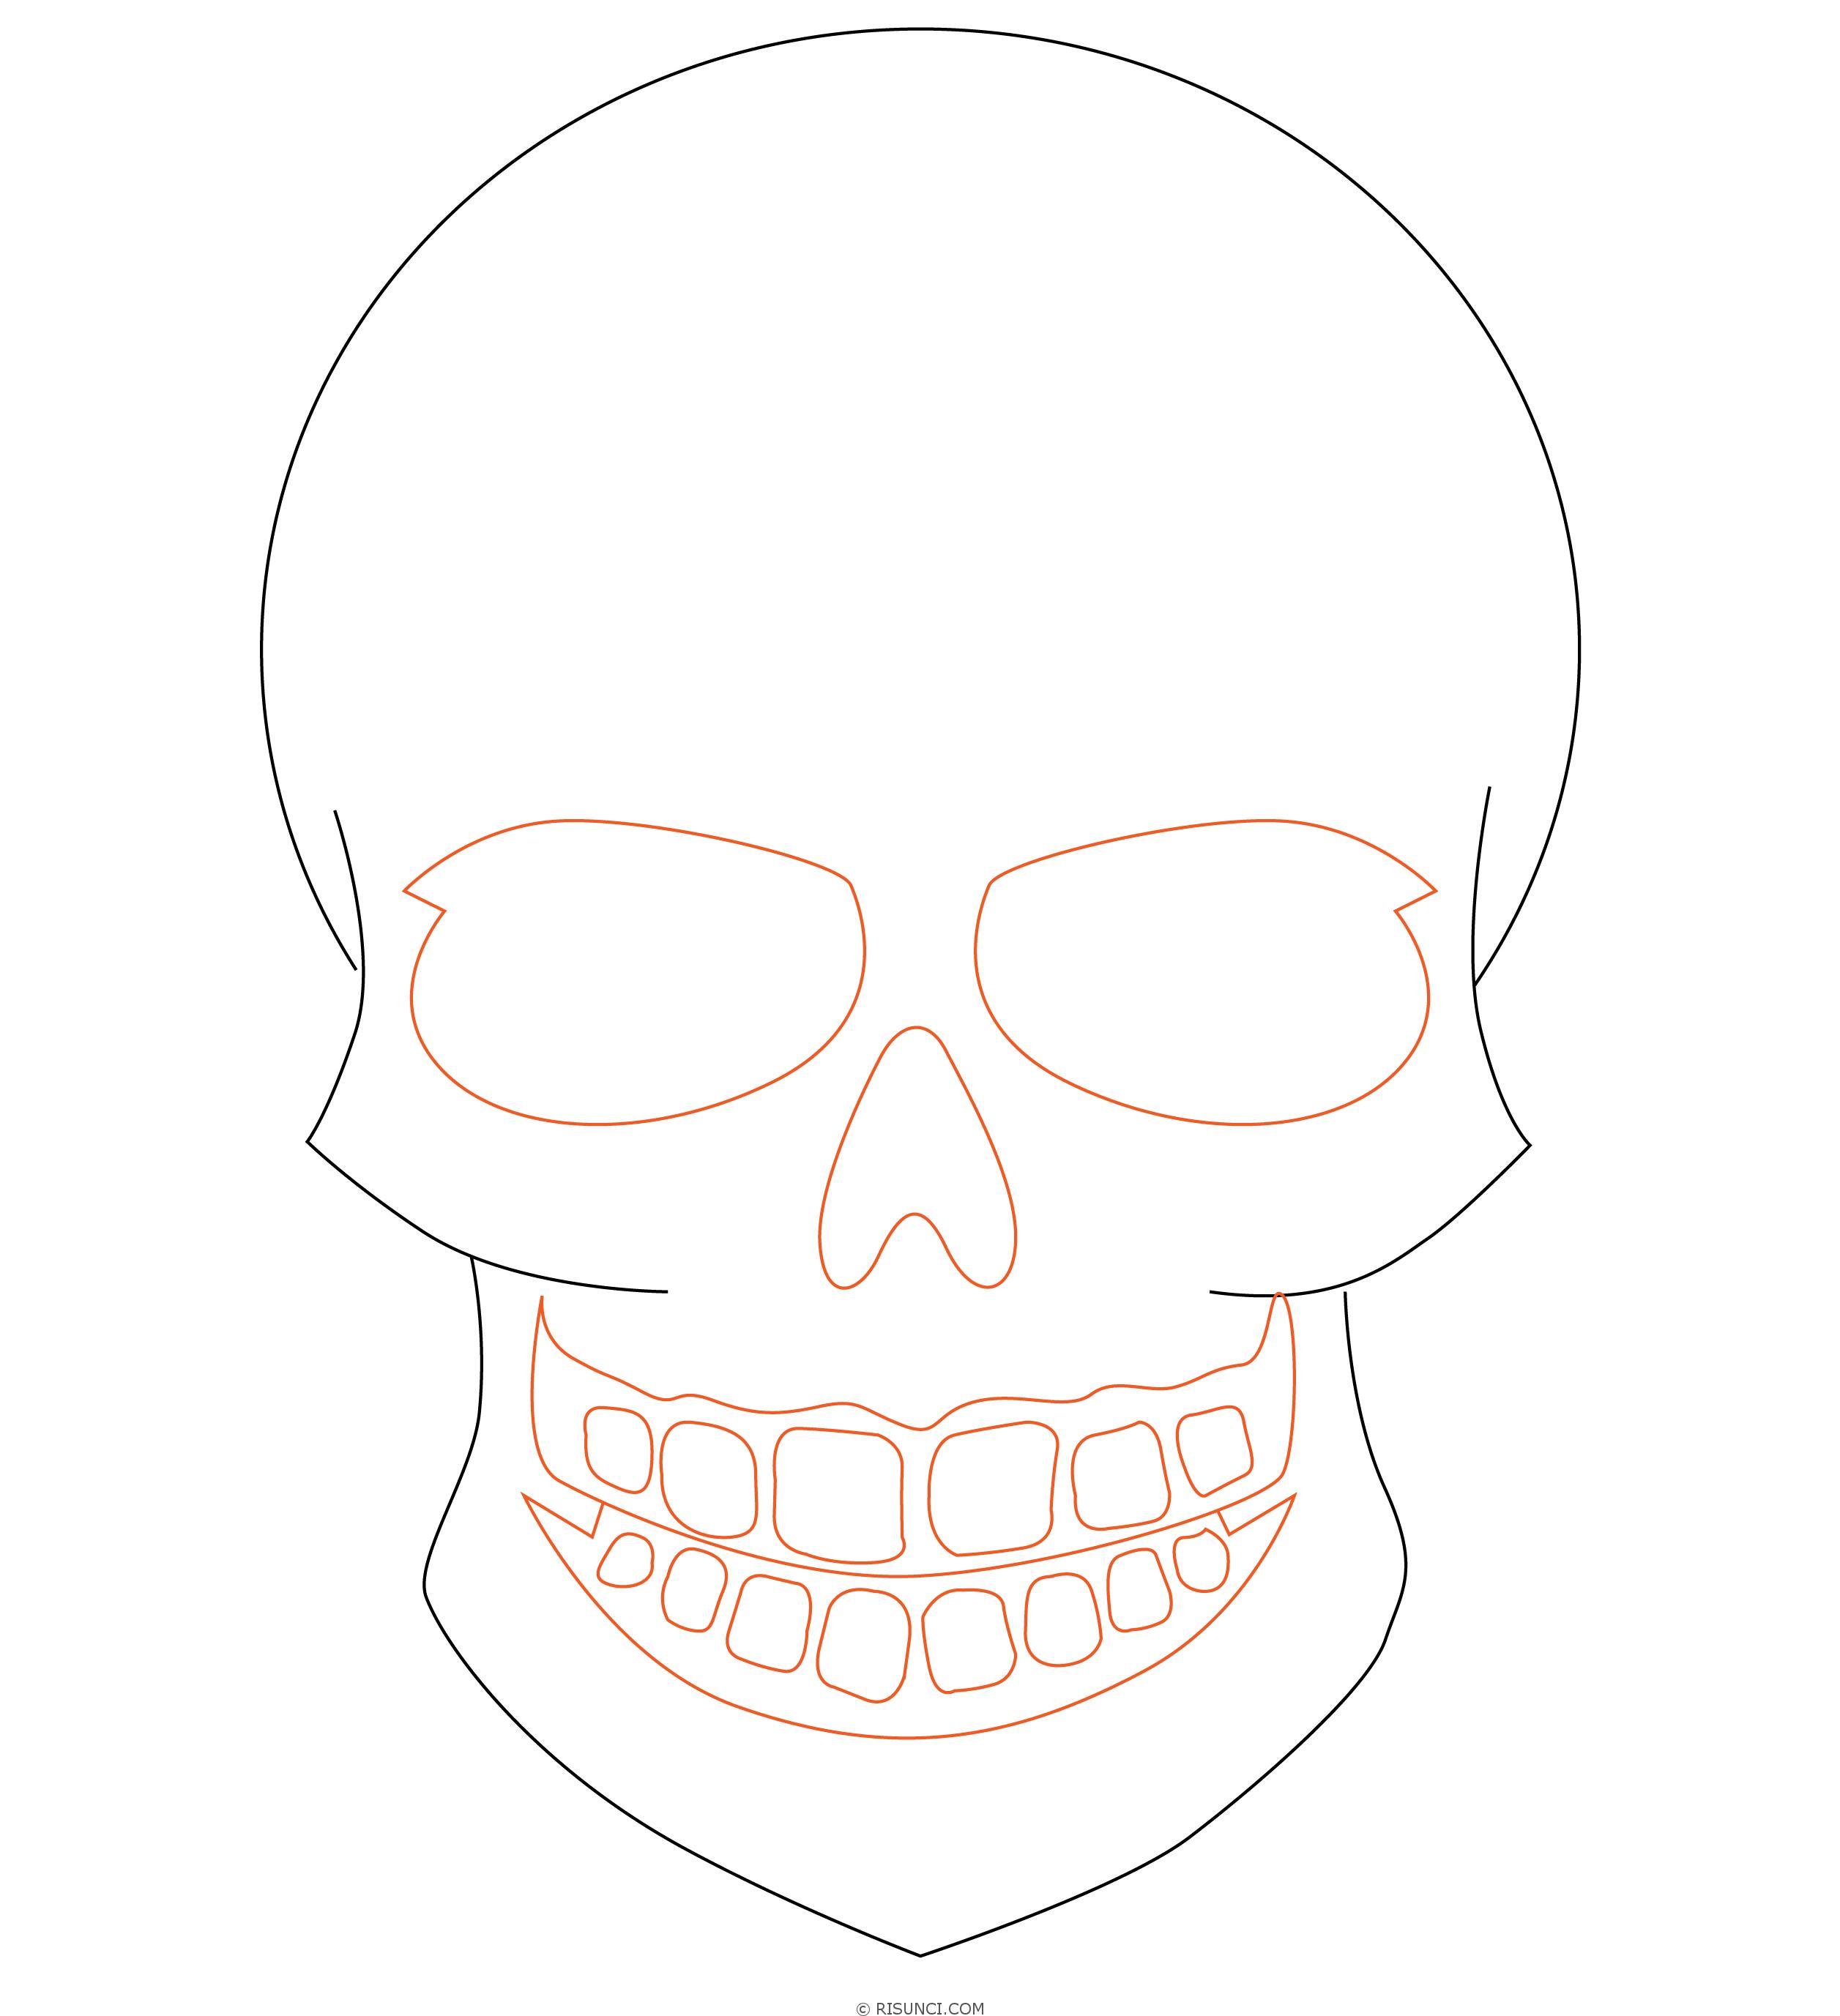 рисуем картинки карандашом поэтапно череп бывшем помещении